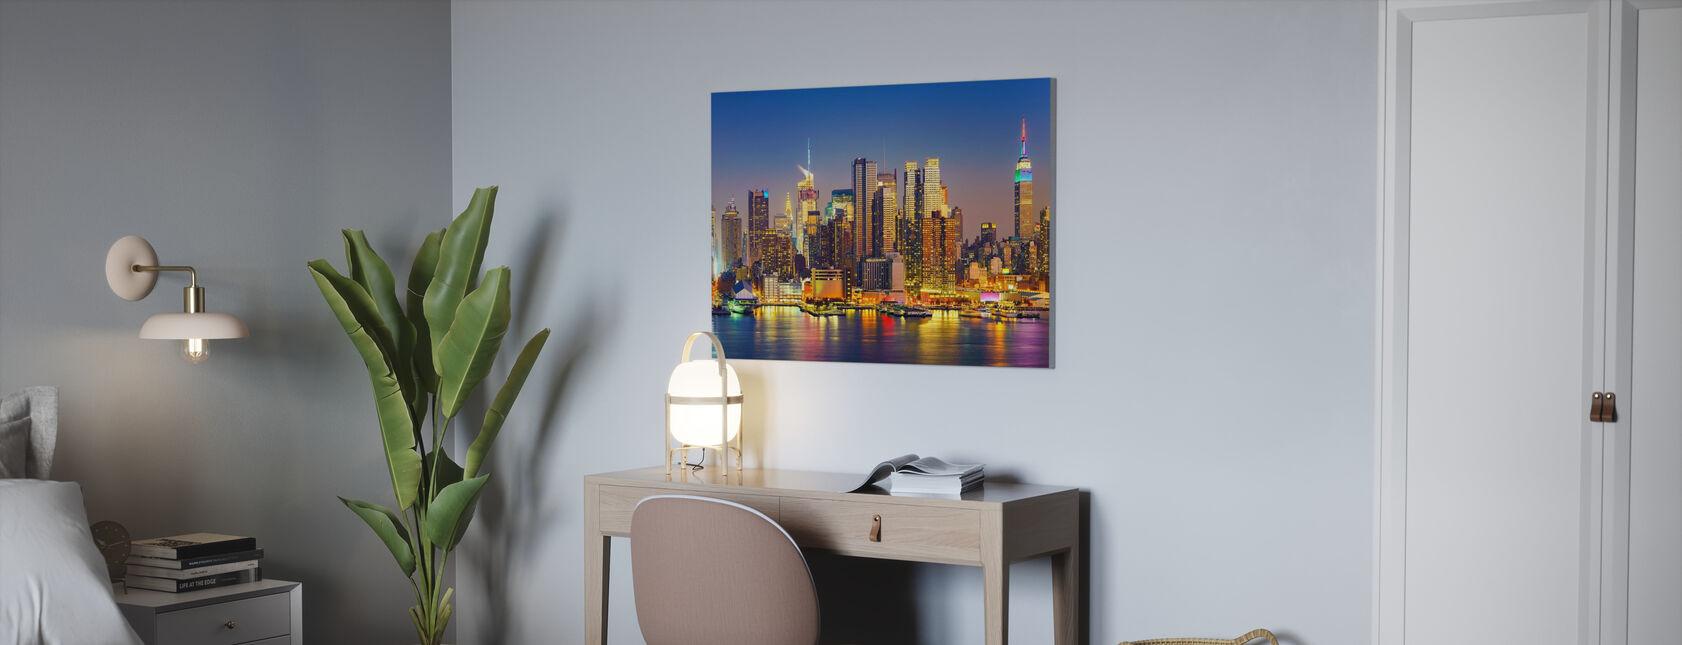 Manhattan After Sunset - Canvas print - Office